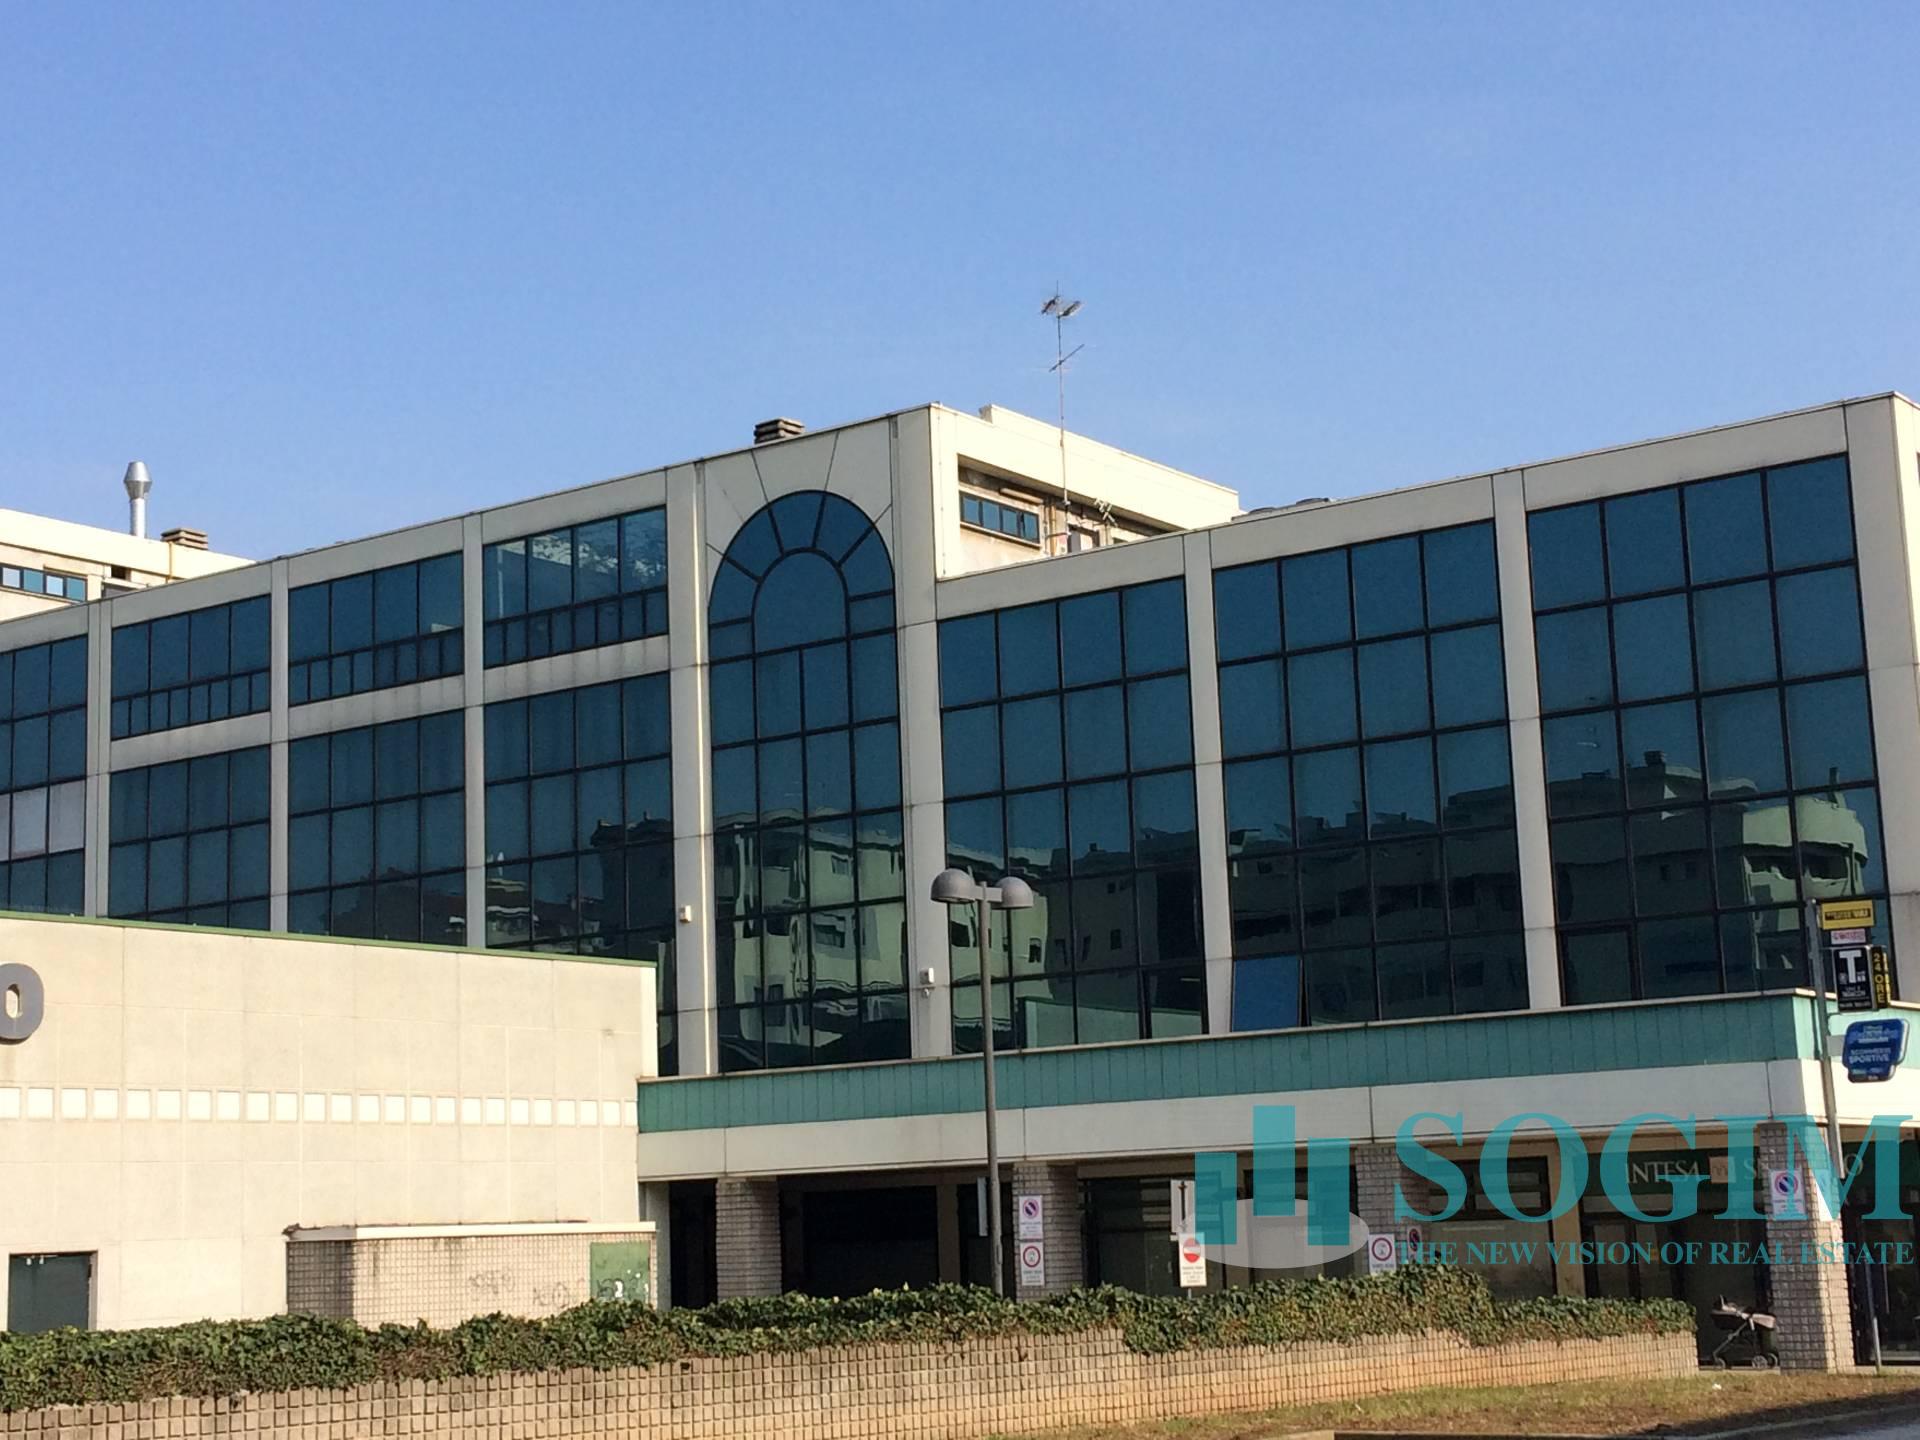 Ufficio / Studio in affitto a Bresso, 9999 locali, prezzo € 3.000   PortaleAgenzieImmobiliari.it